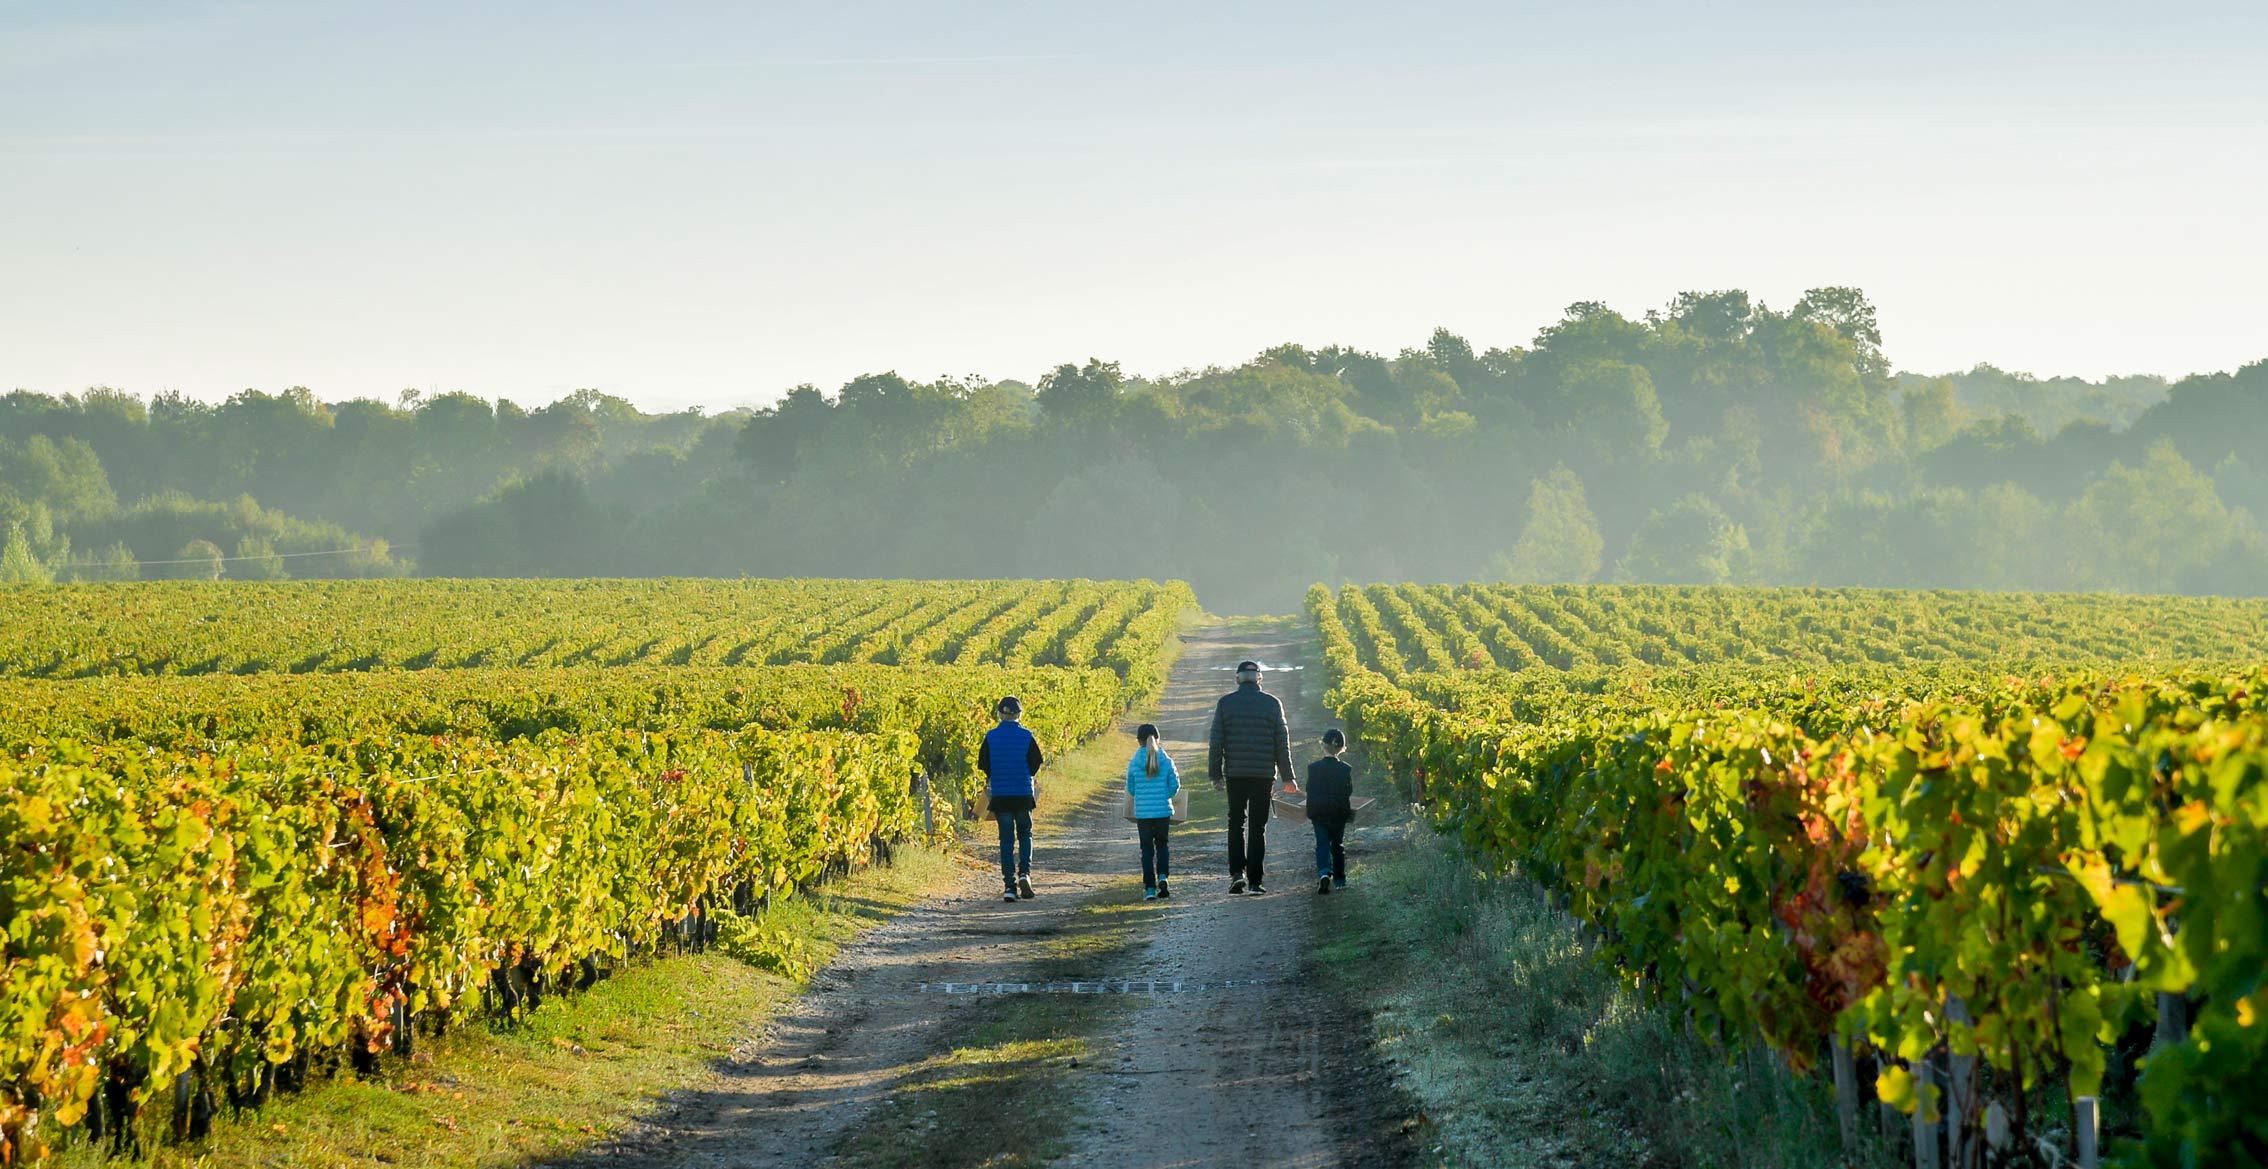 Cos d'Estournel, domaine viticole d'exception, Médoc, Bordeaux